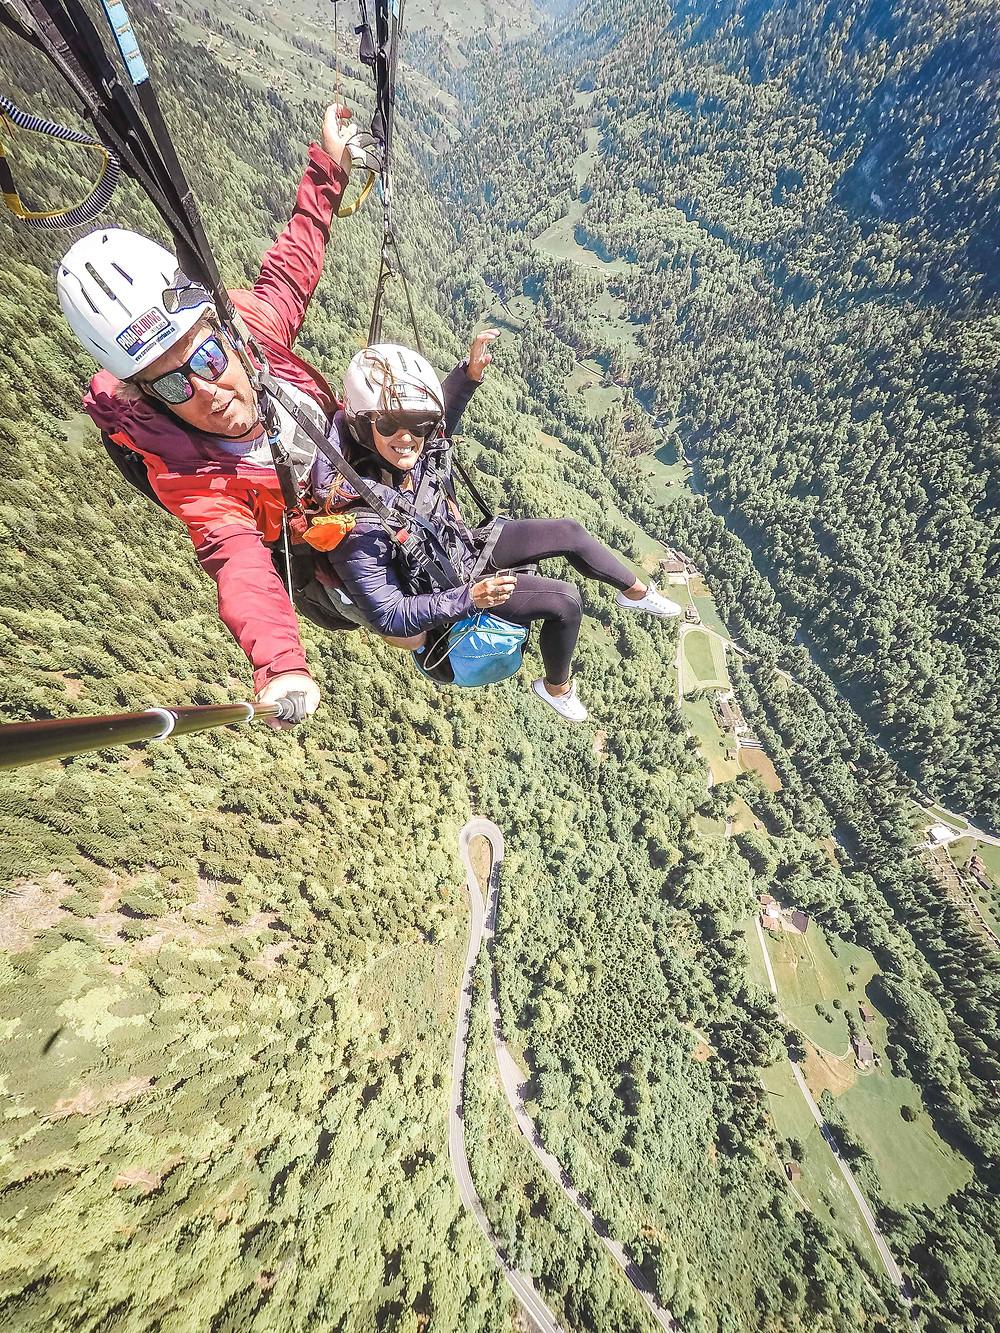 Paragliding Interlaken Switzerland